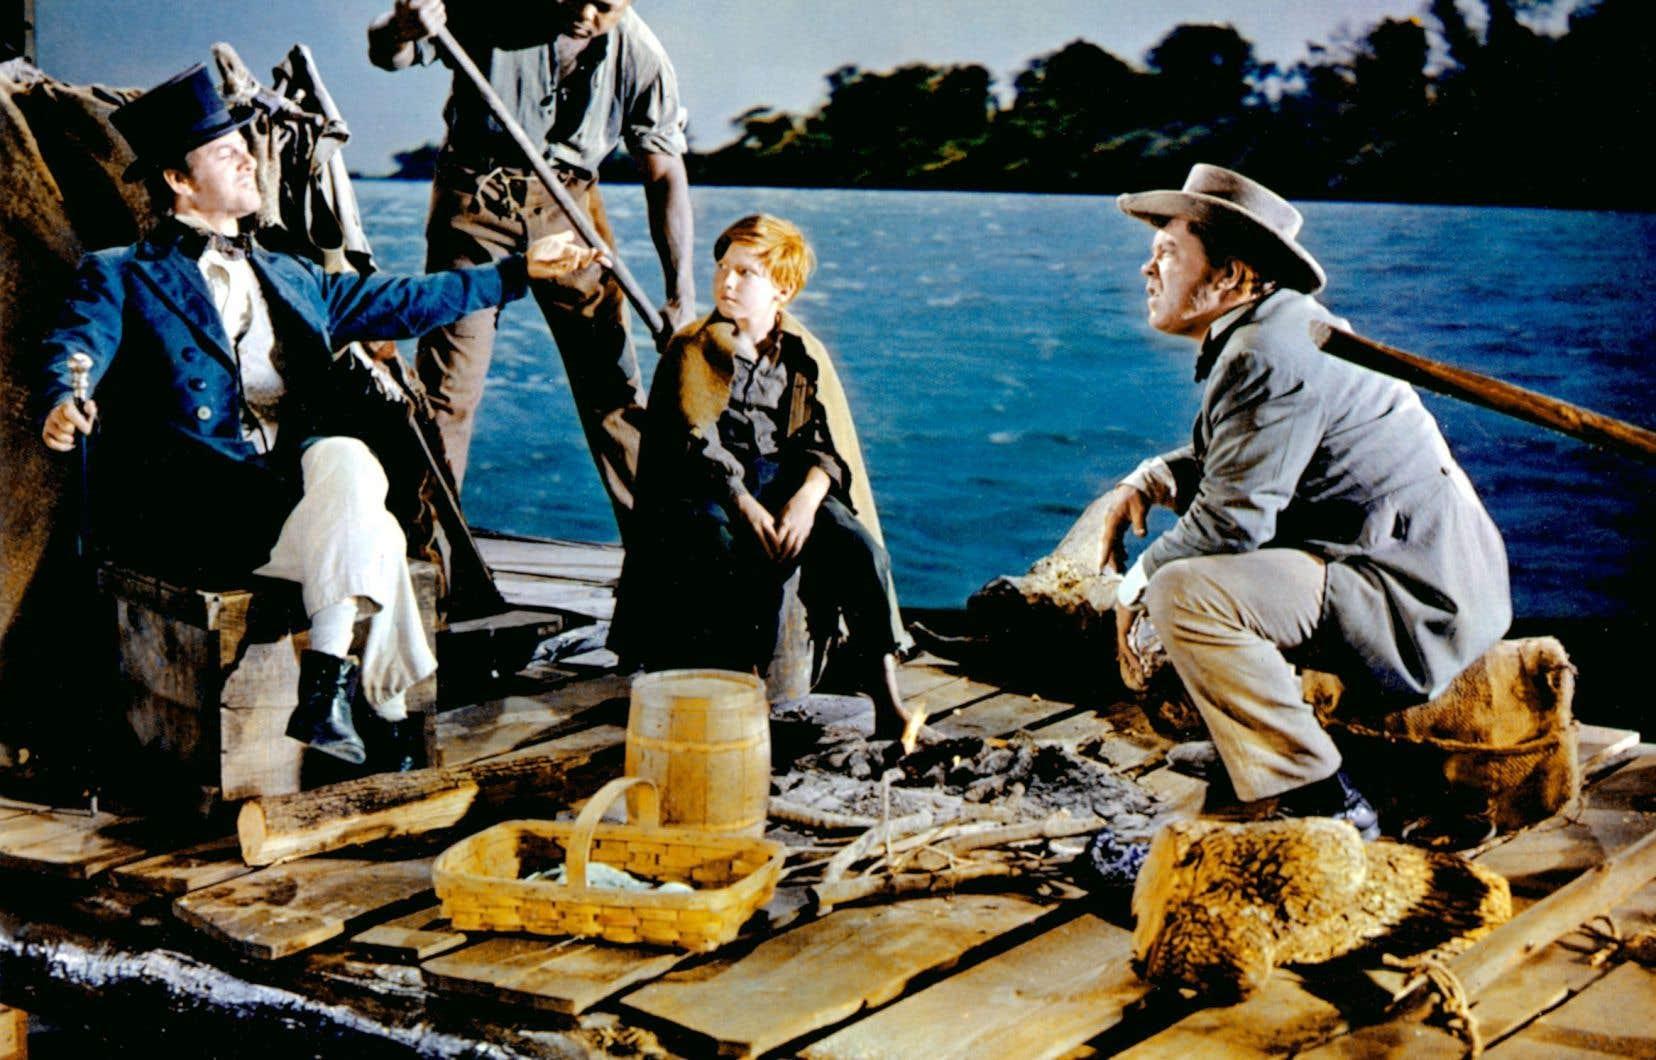 «Les Aventures d'Huckleberry Finn», réalisé par Michael Curtis en 1960, donne vie aux personnages de Twain sous les traits de Tony Randall dans le rôle titre.